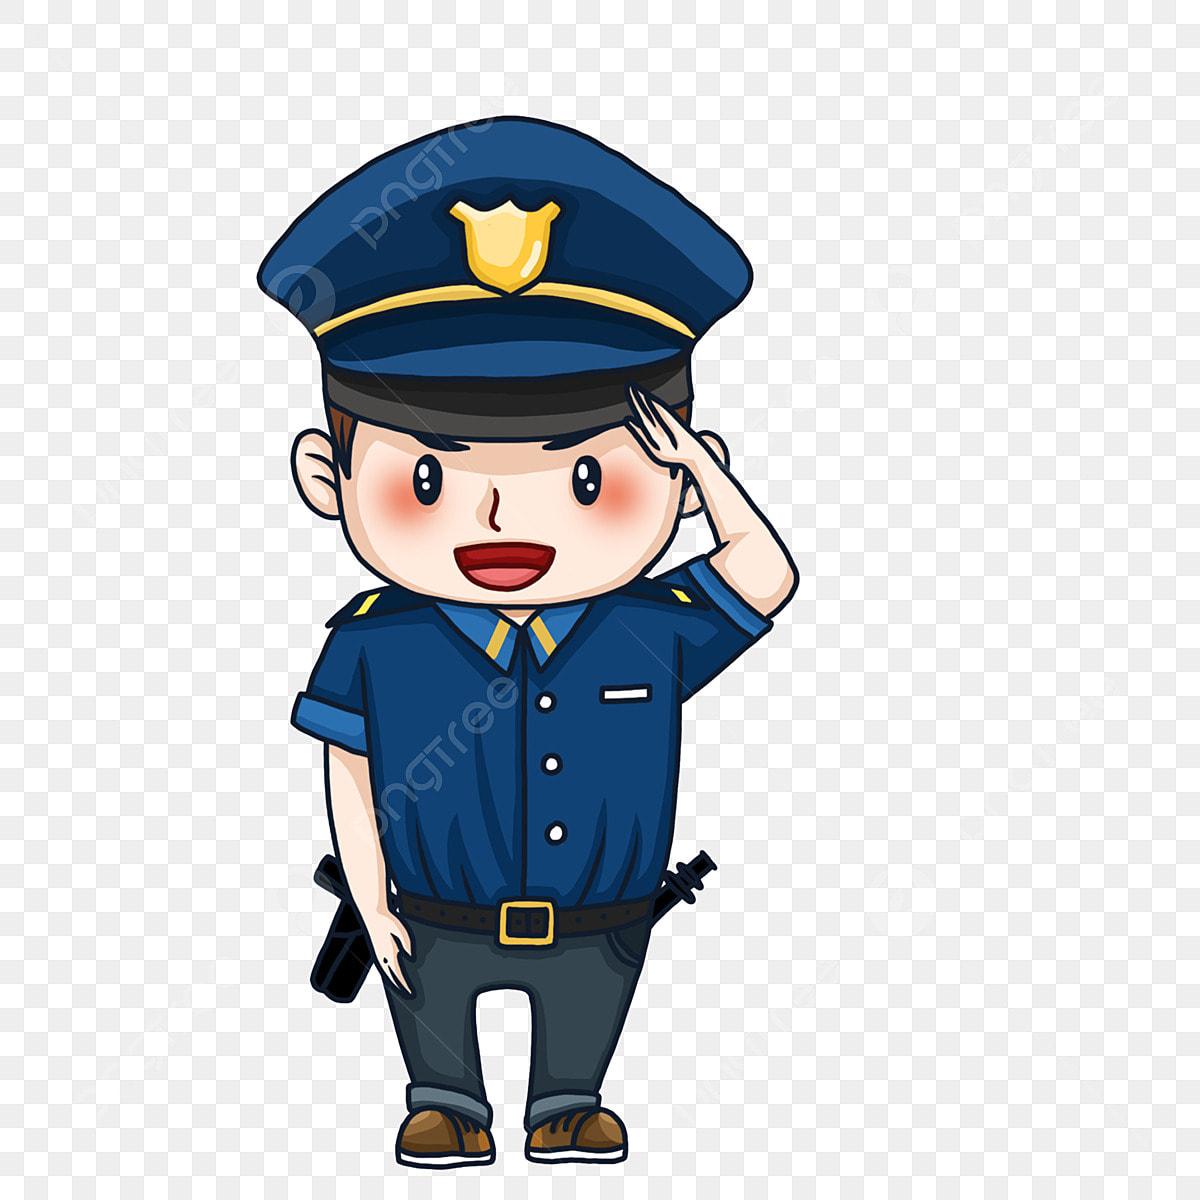 Version Q Dessin Anime Salut Oncle De Police Mignonne Dessin